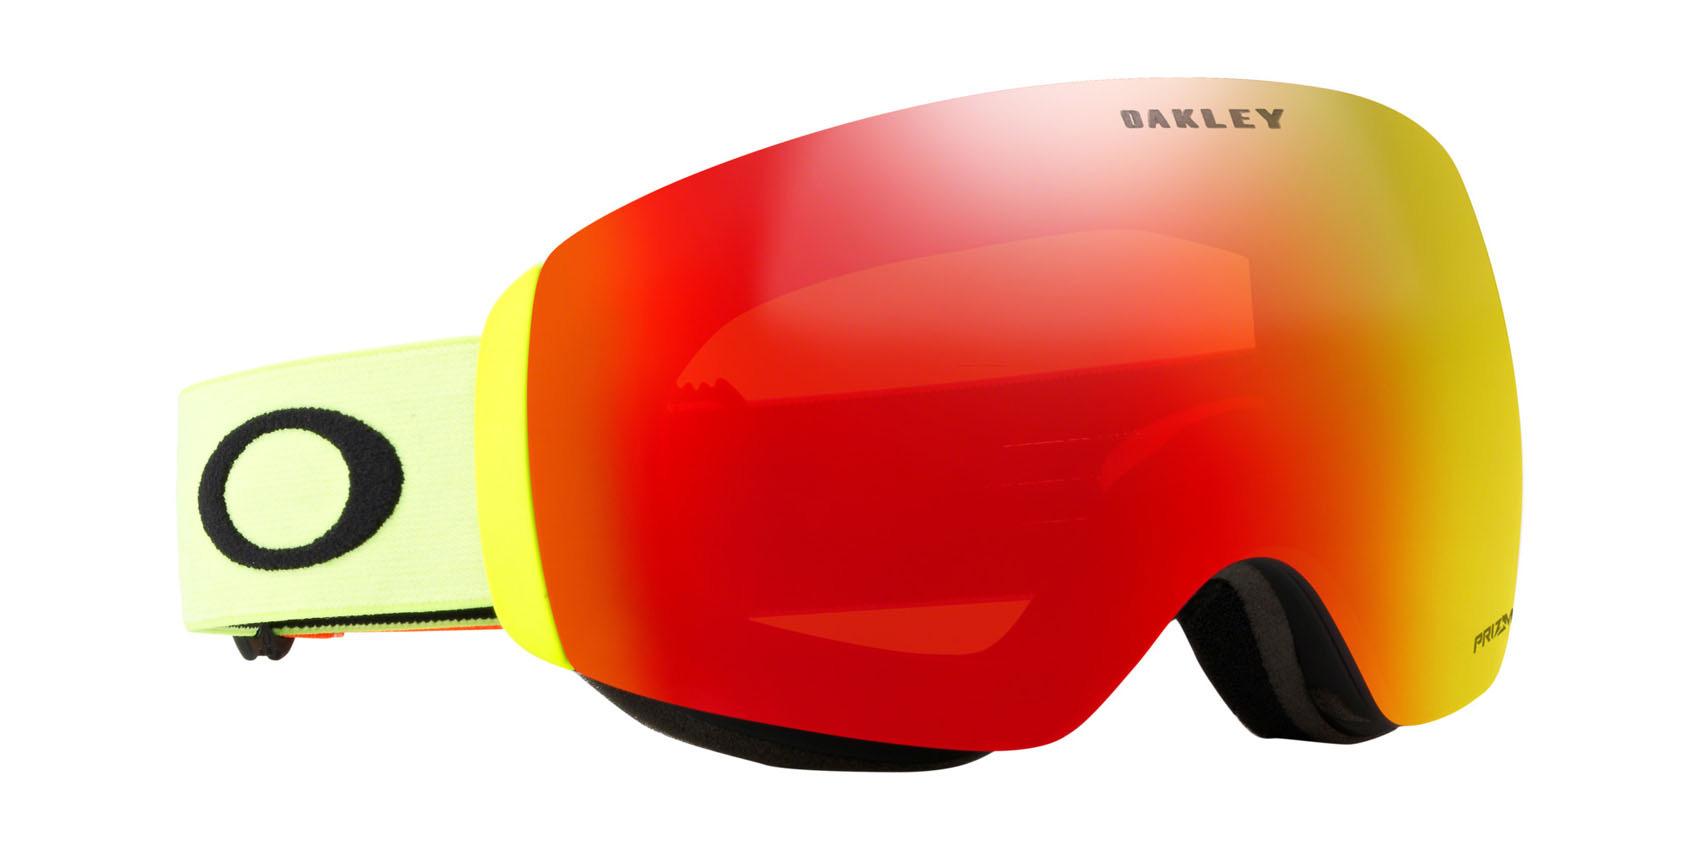 ae4e4da4d152 Sentinel Oakley Snowboard Goggles - Flight Deck XM - Harmony Fade